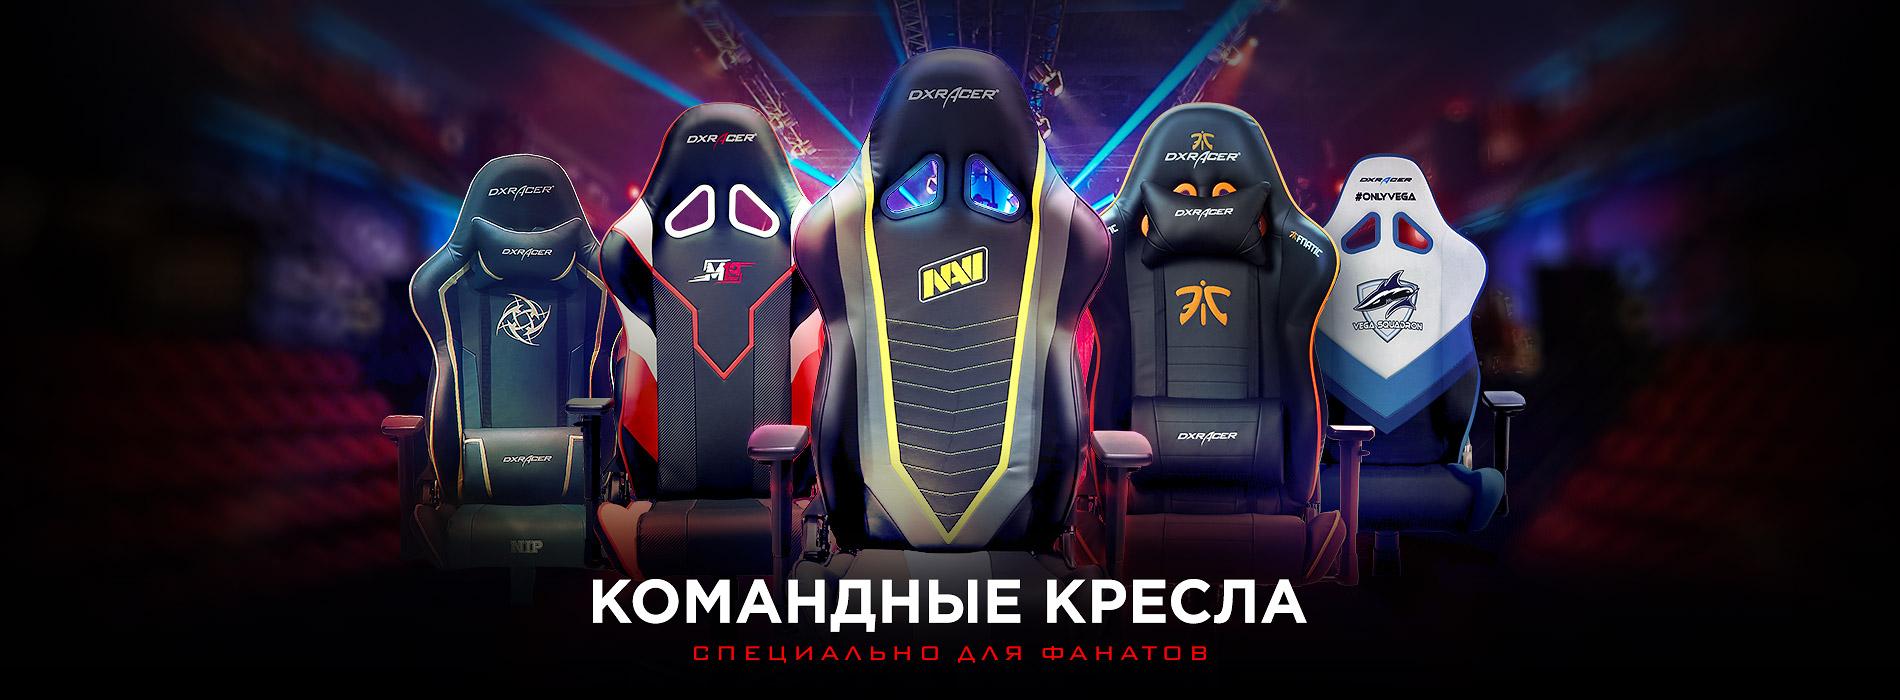 Командные кресла DxRacer